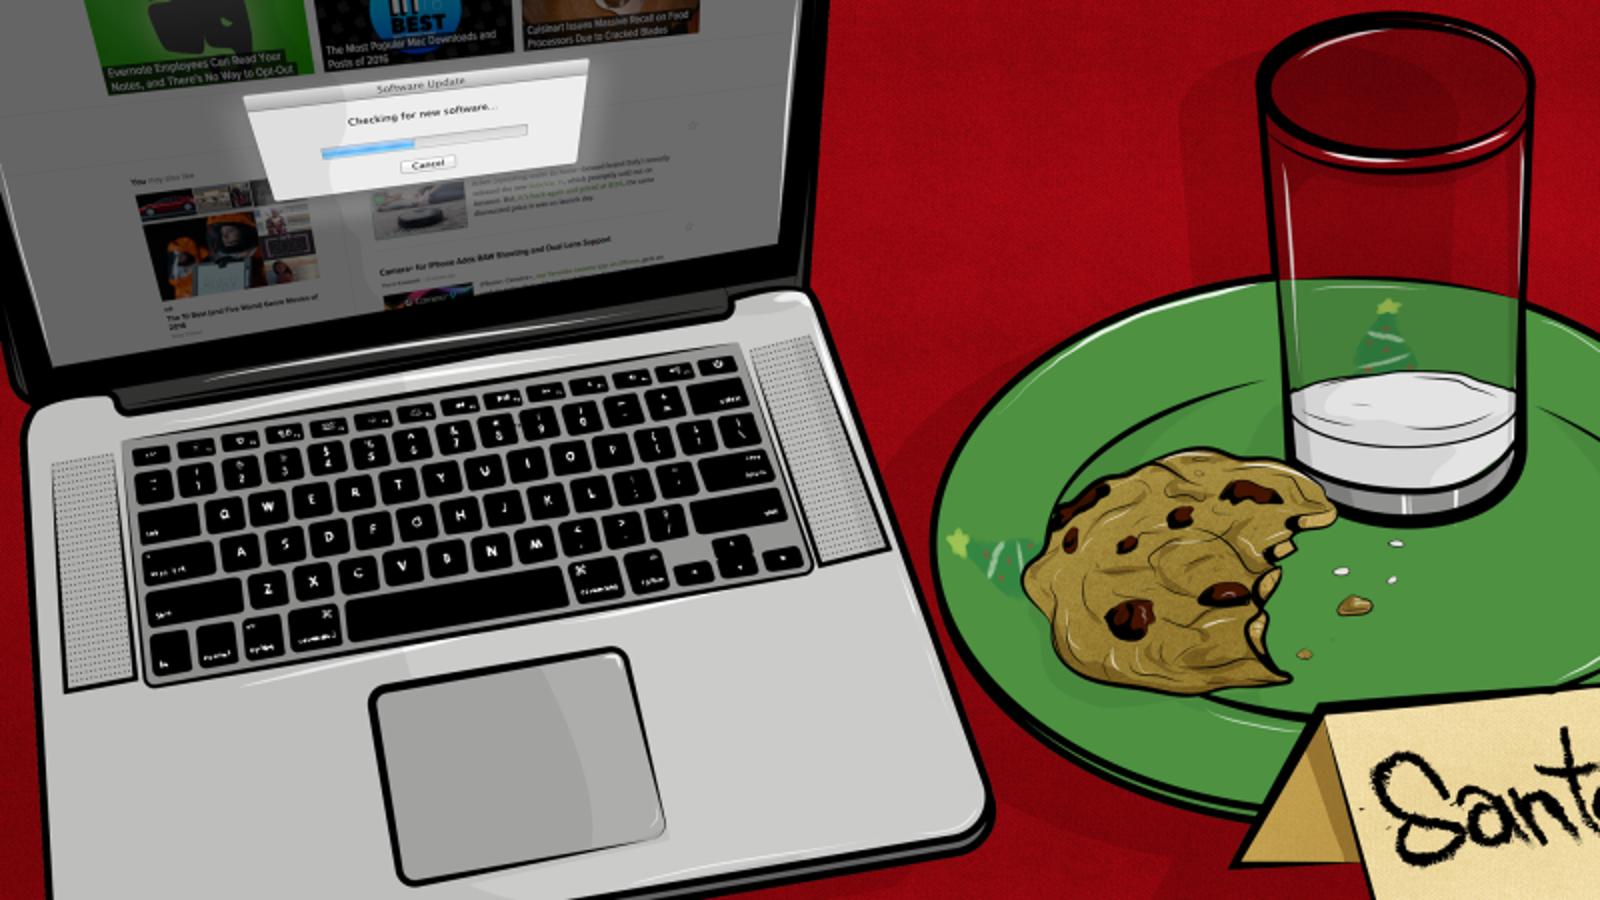 Las 10 cosas que debes hacer con el PC de tu familia cuando vuelvas a casa estas fiestas